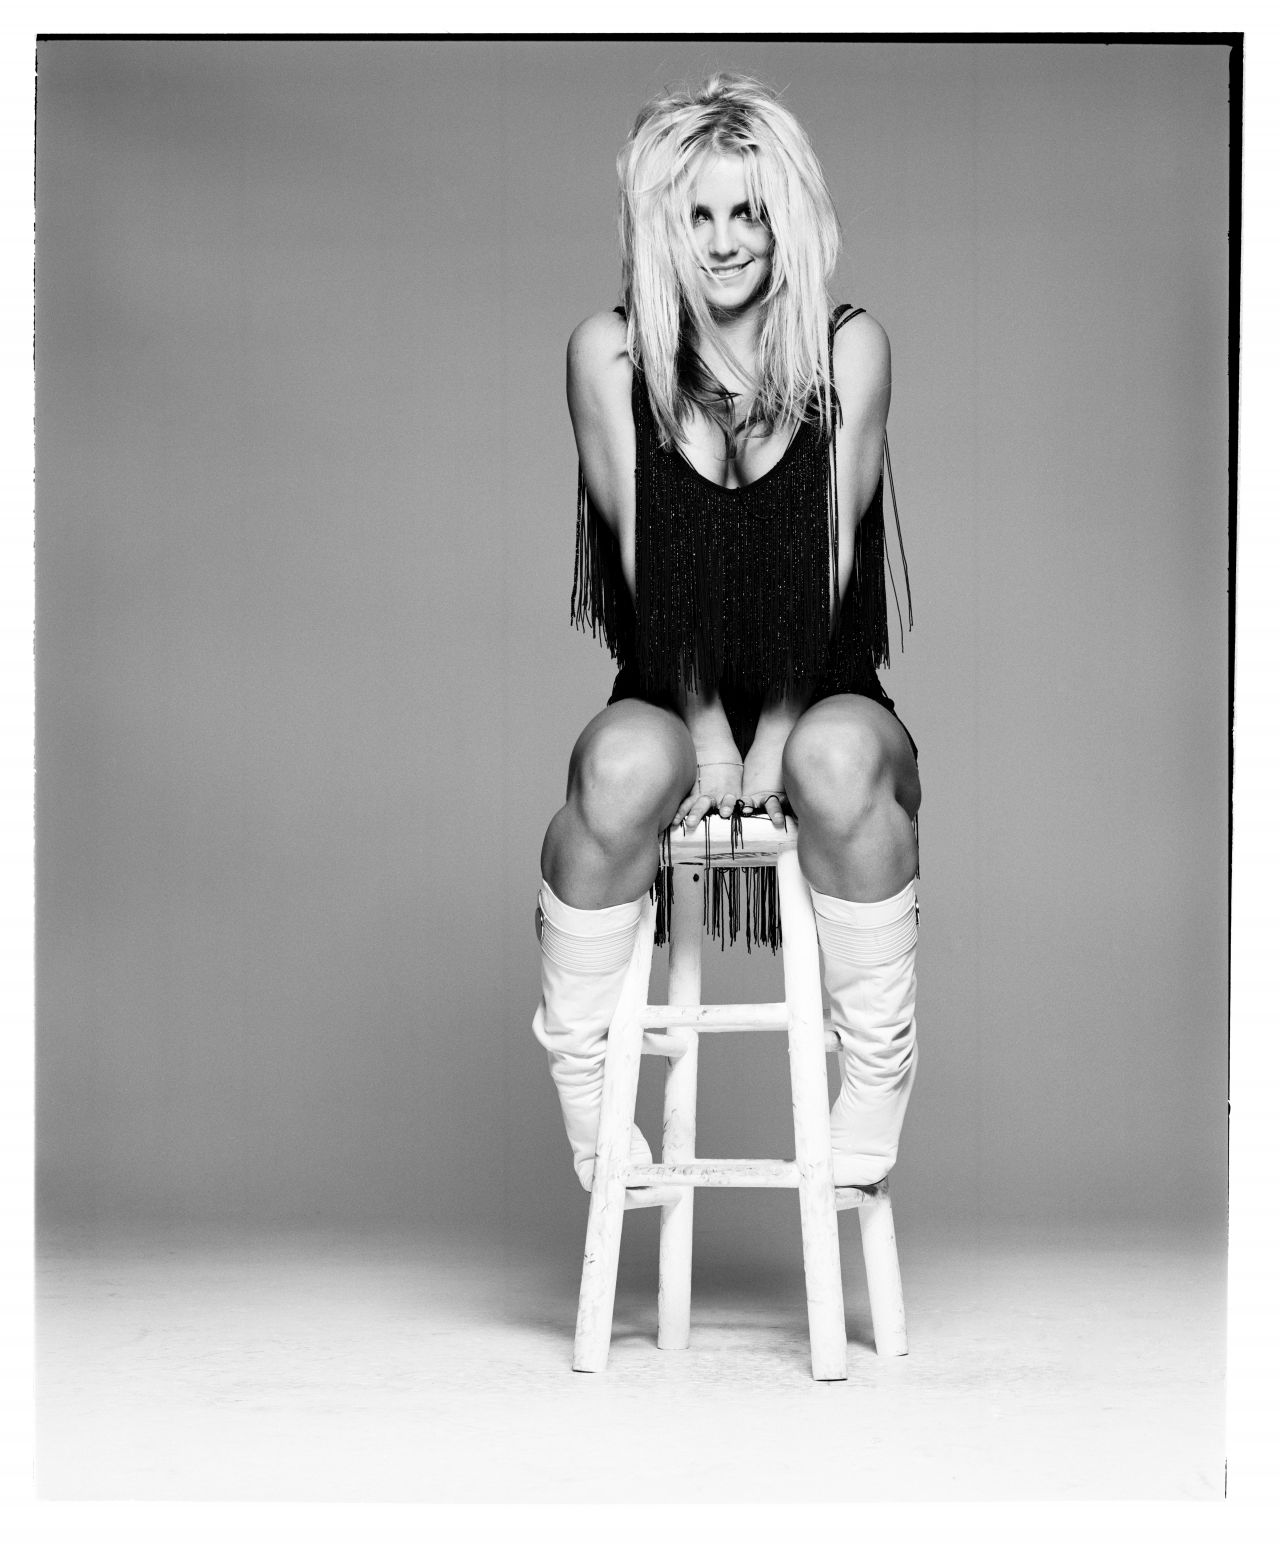 Britney Spears - Photoshoot for GQ November 2003 • CelebMafia